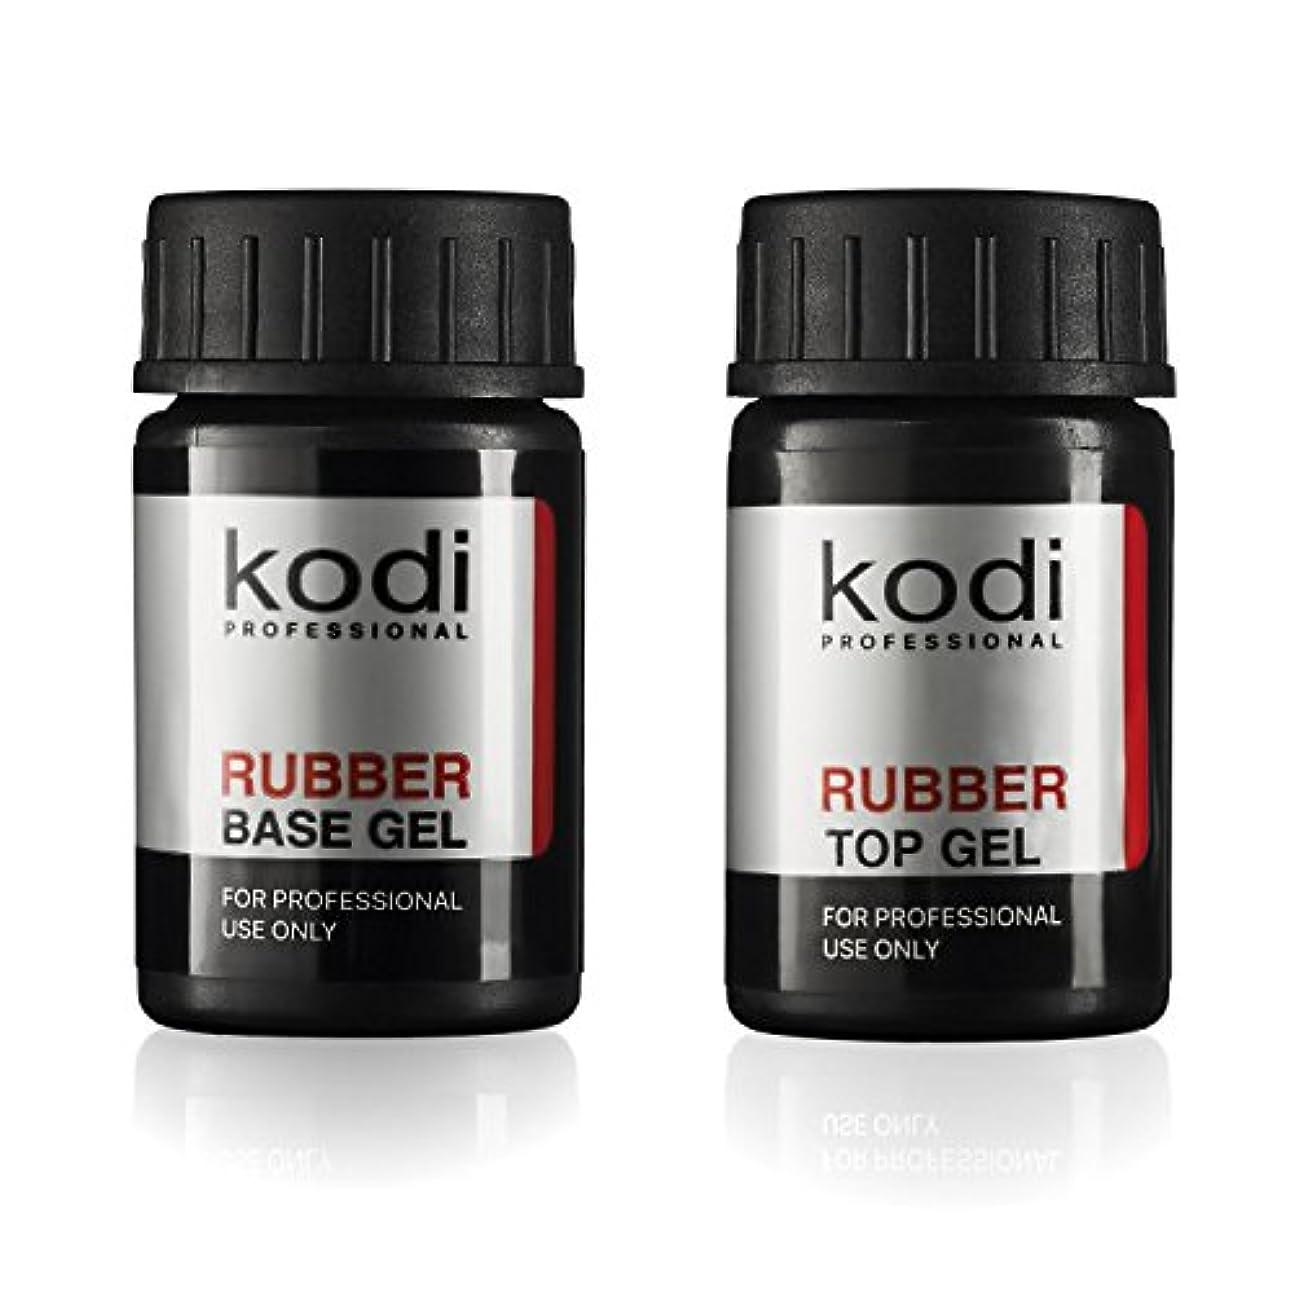 Kodi プロフェッショナルラバートップ&ベースジェルセット  14ml 0.49オンス 爪のソークオフとポリッシュ コートキット 長持ちするネイルレイヤー 使いやすい、無毒&無香料  LEDまたはUVランプの下で硬化